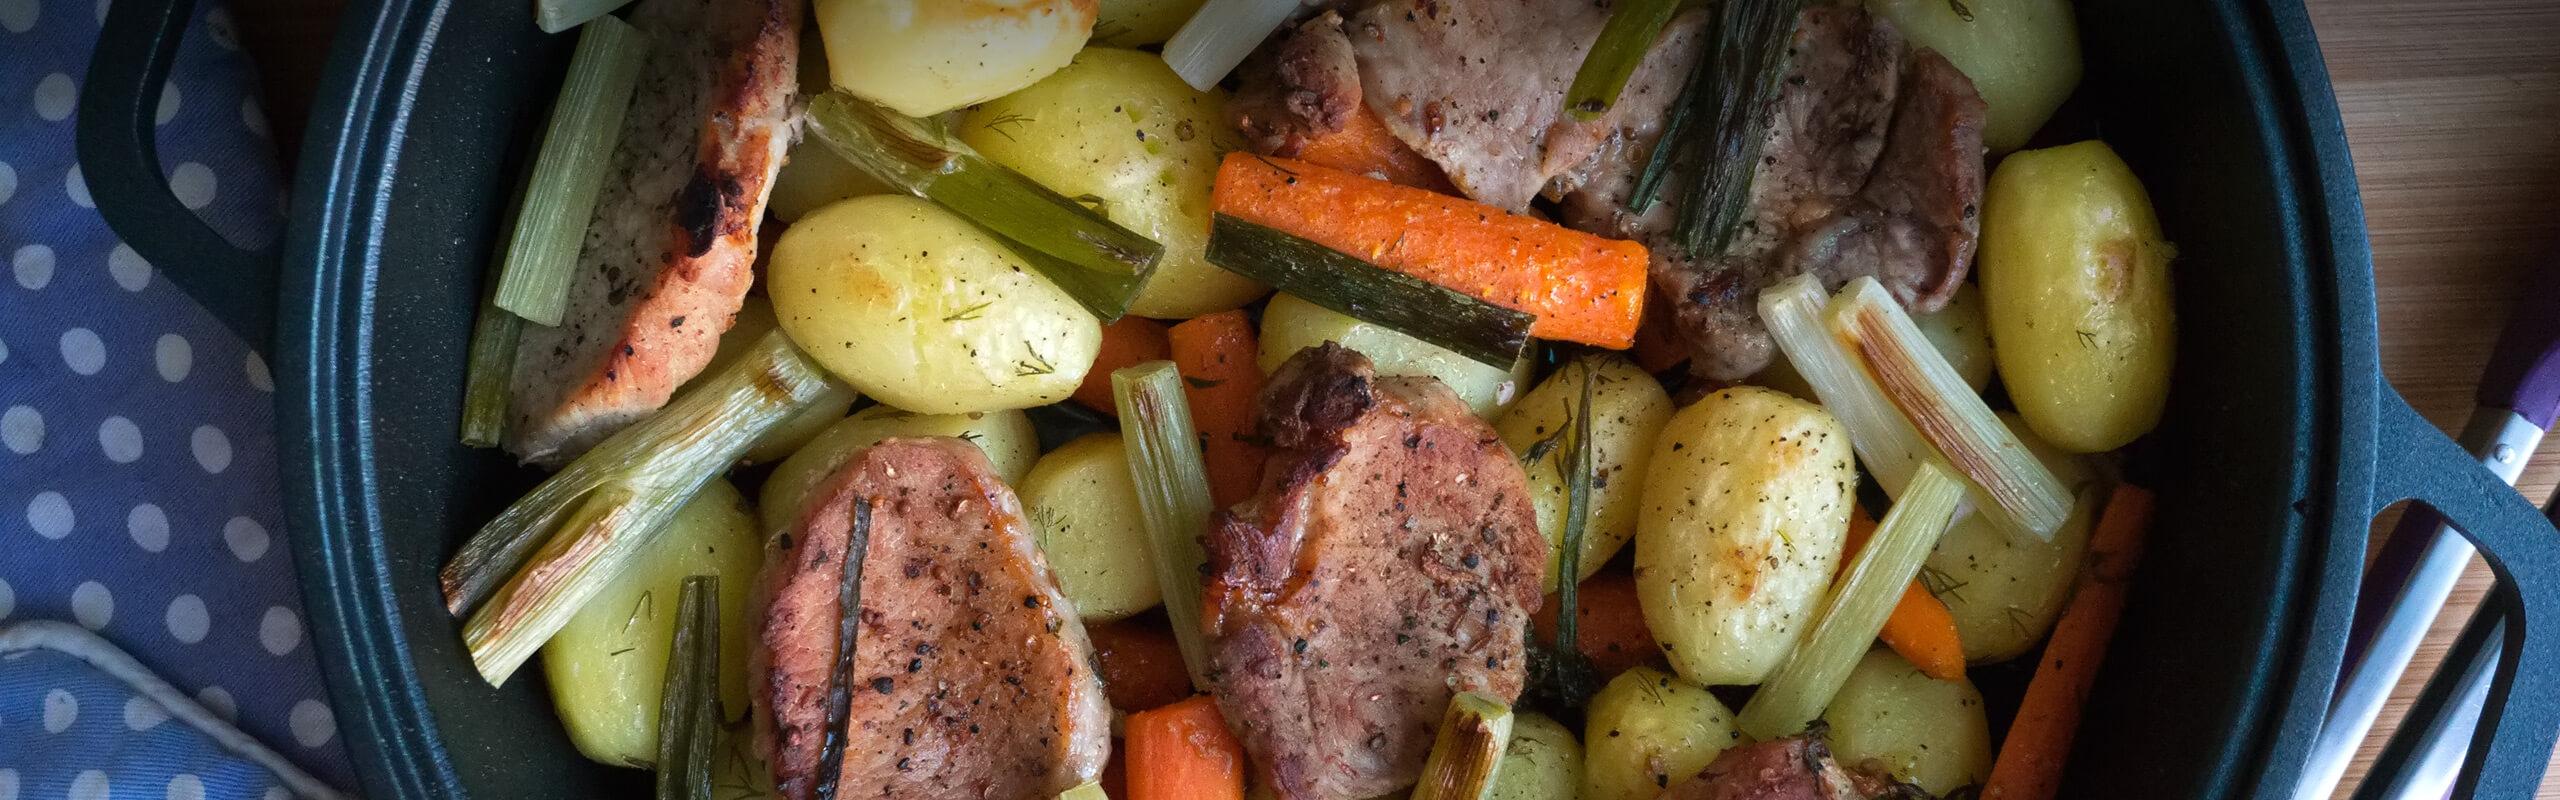 Печени свински карета със зеленчуци